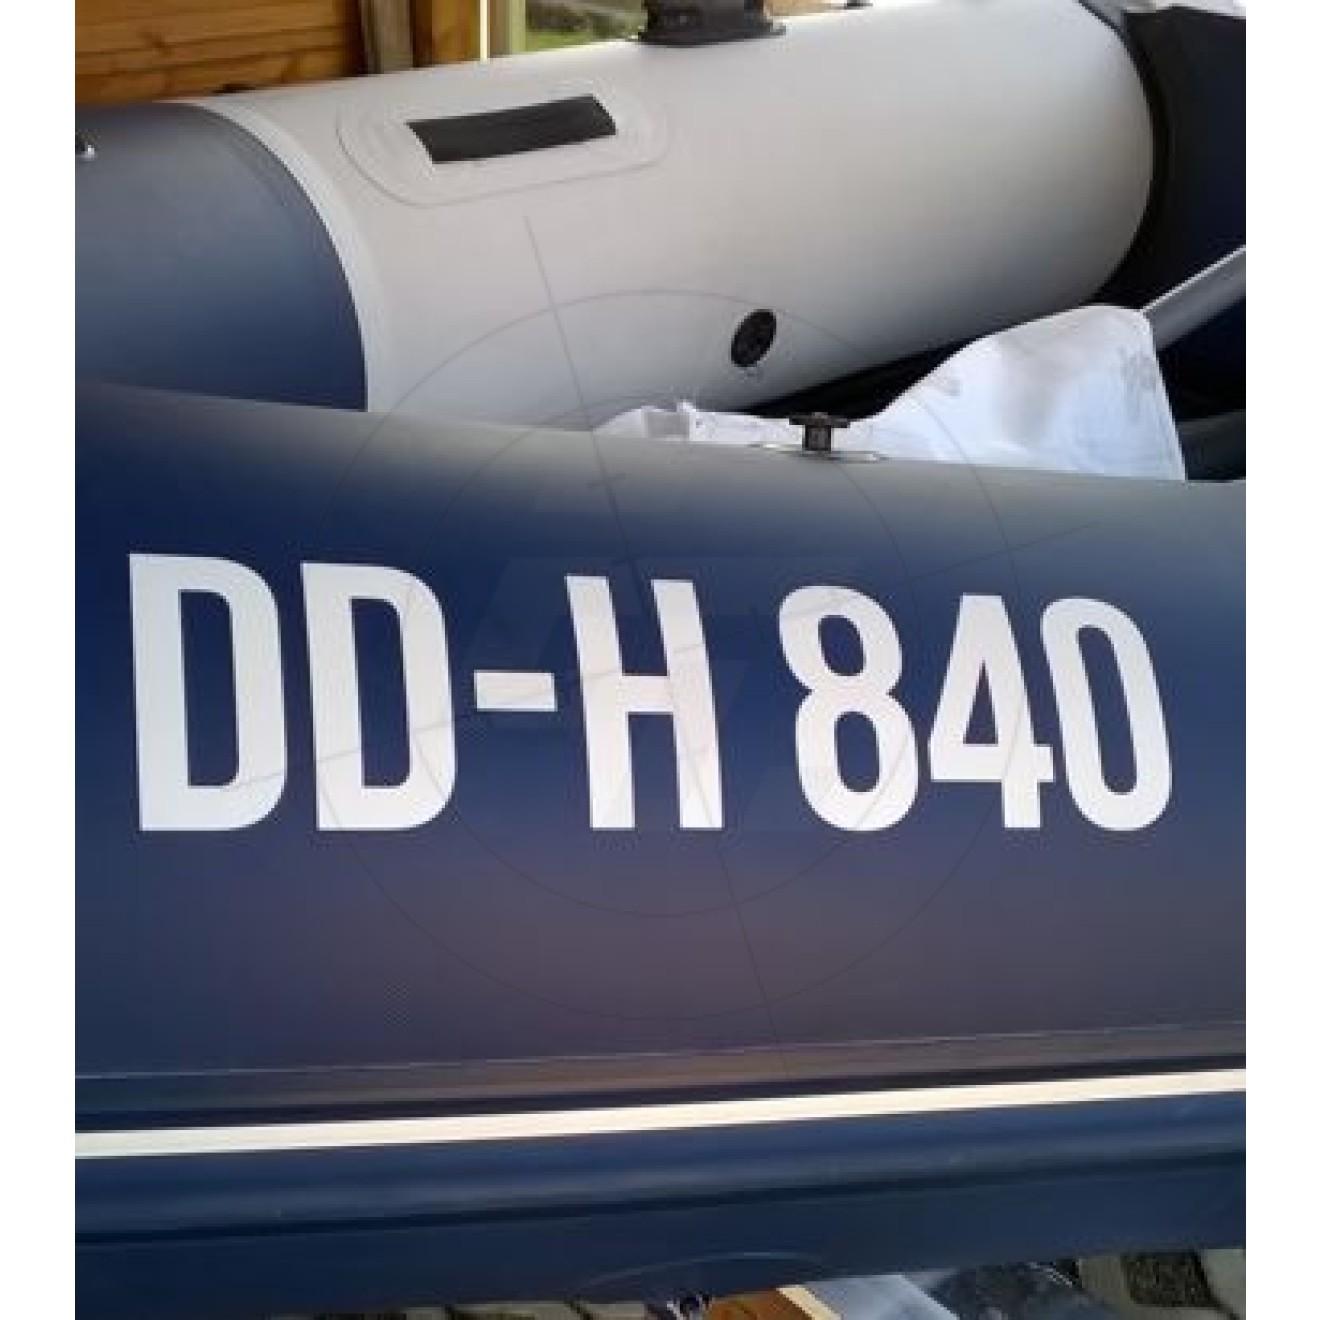 Galerie Von 4x Kennzeichen Nummernschild Aufkleber Eu Feld